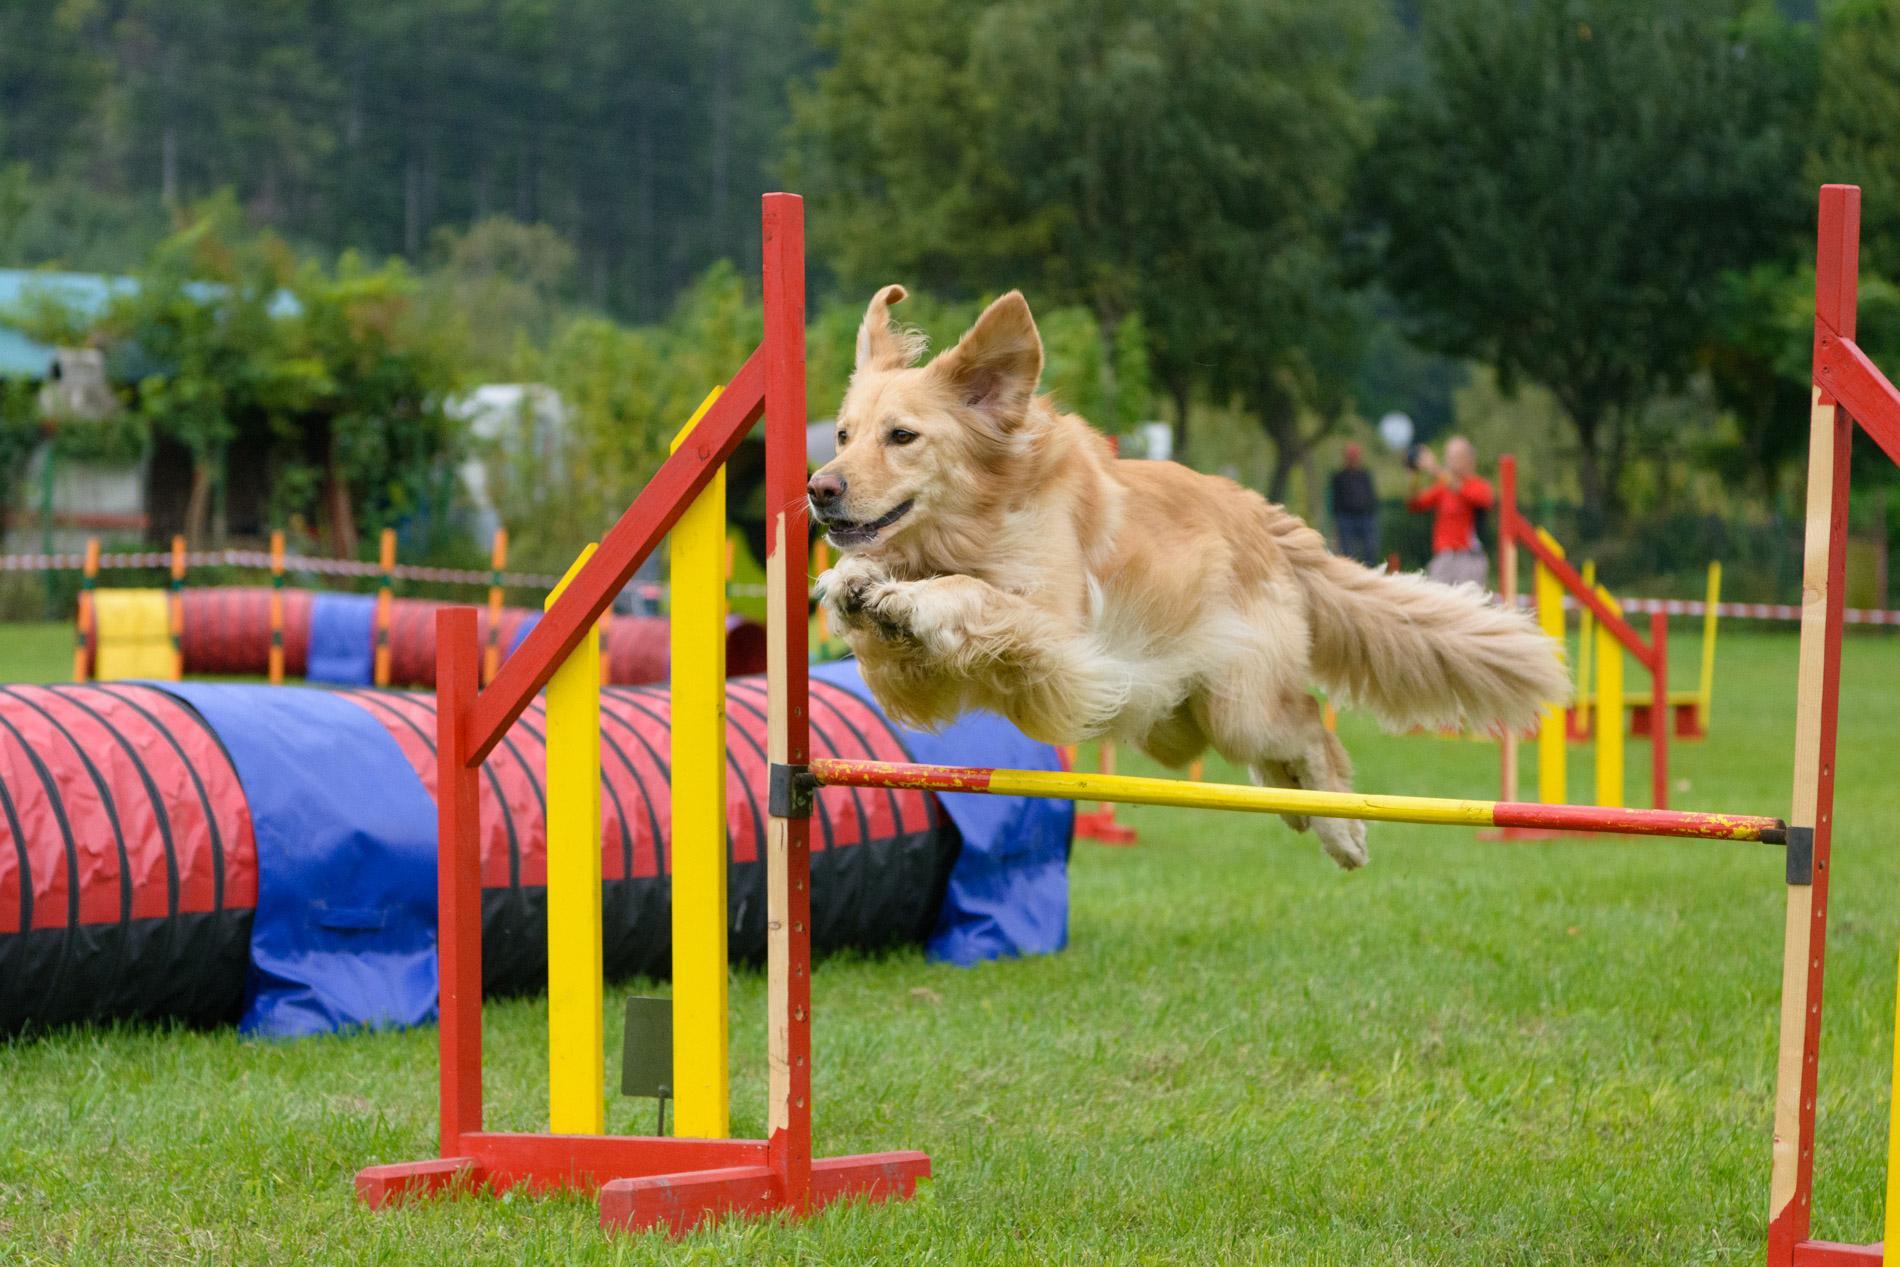 Zlati prinašalec na agility tekmovanju, fotografiranje psov na tekmovanjih, pasja fotografija, agility